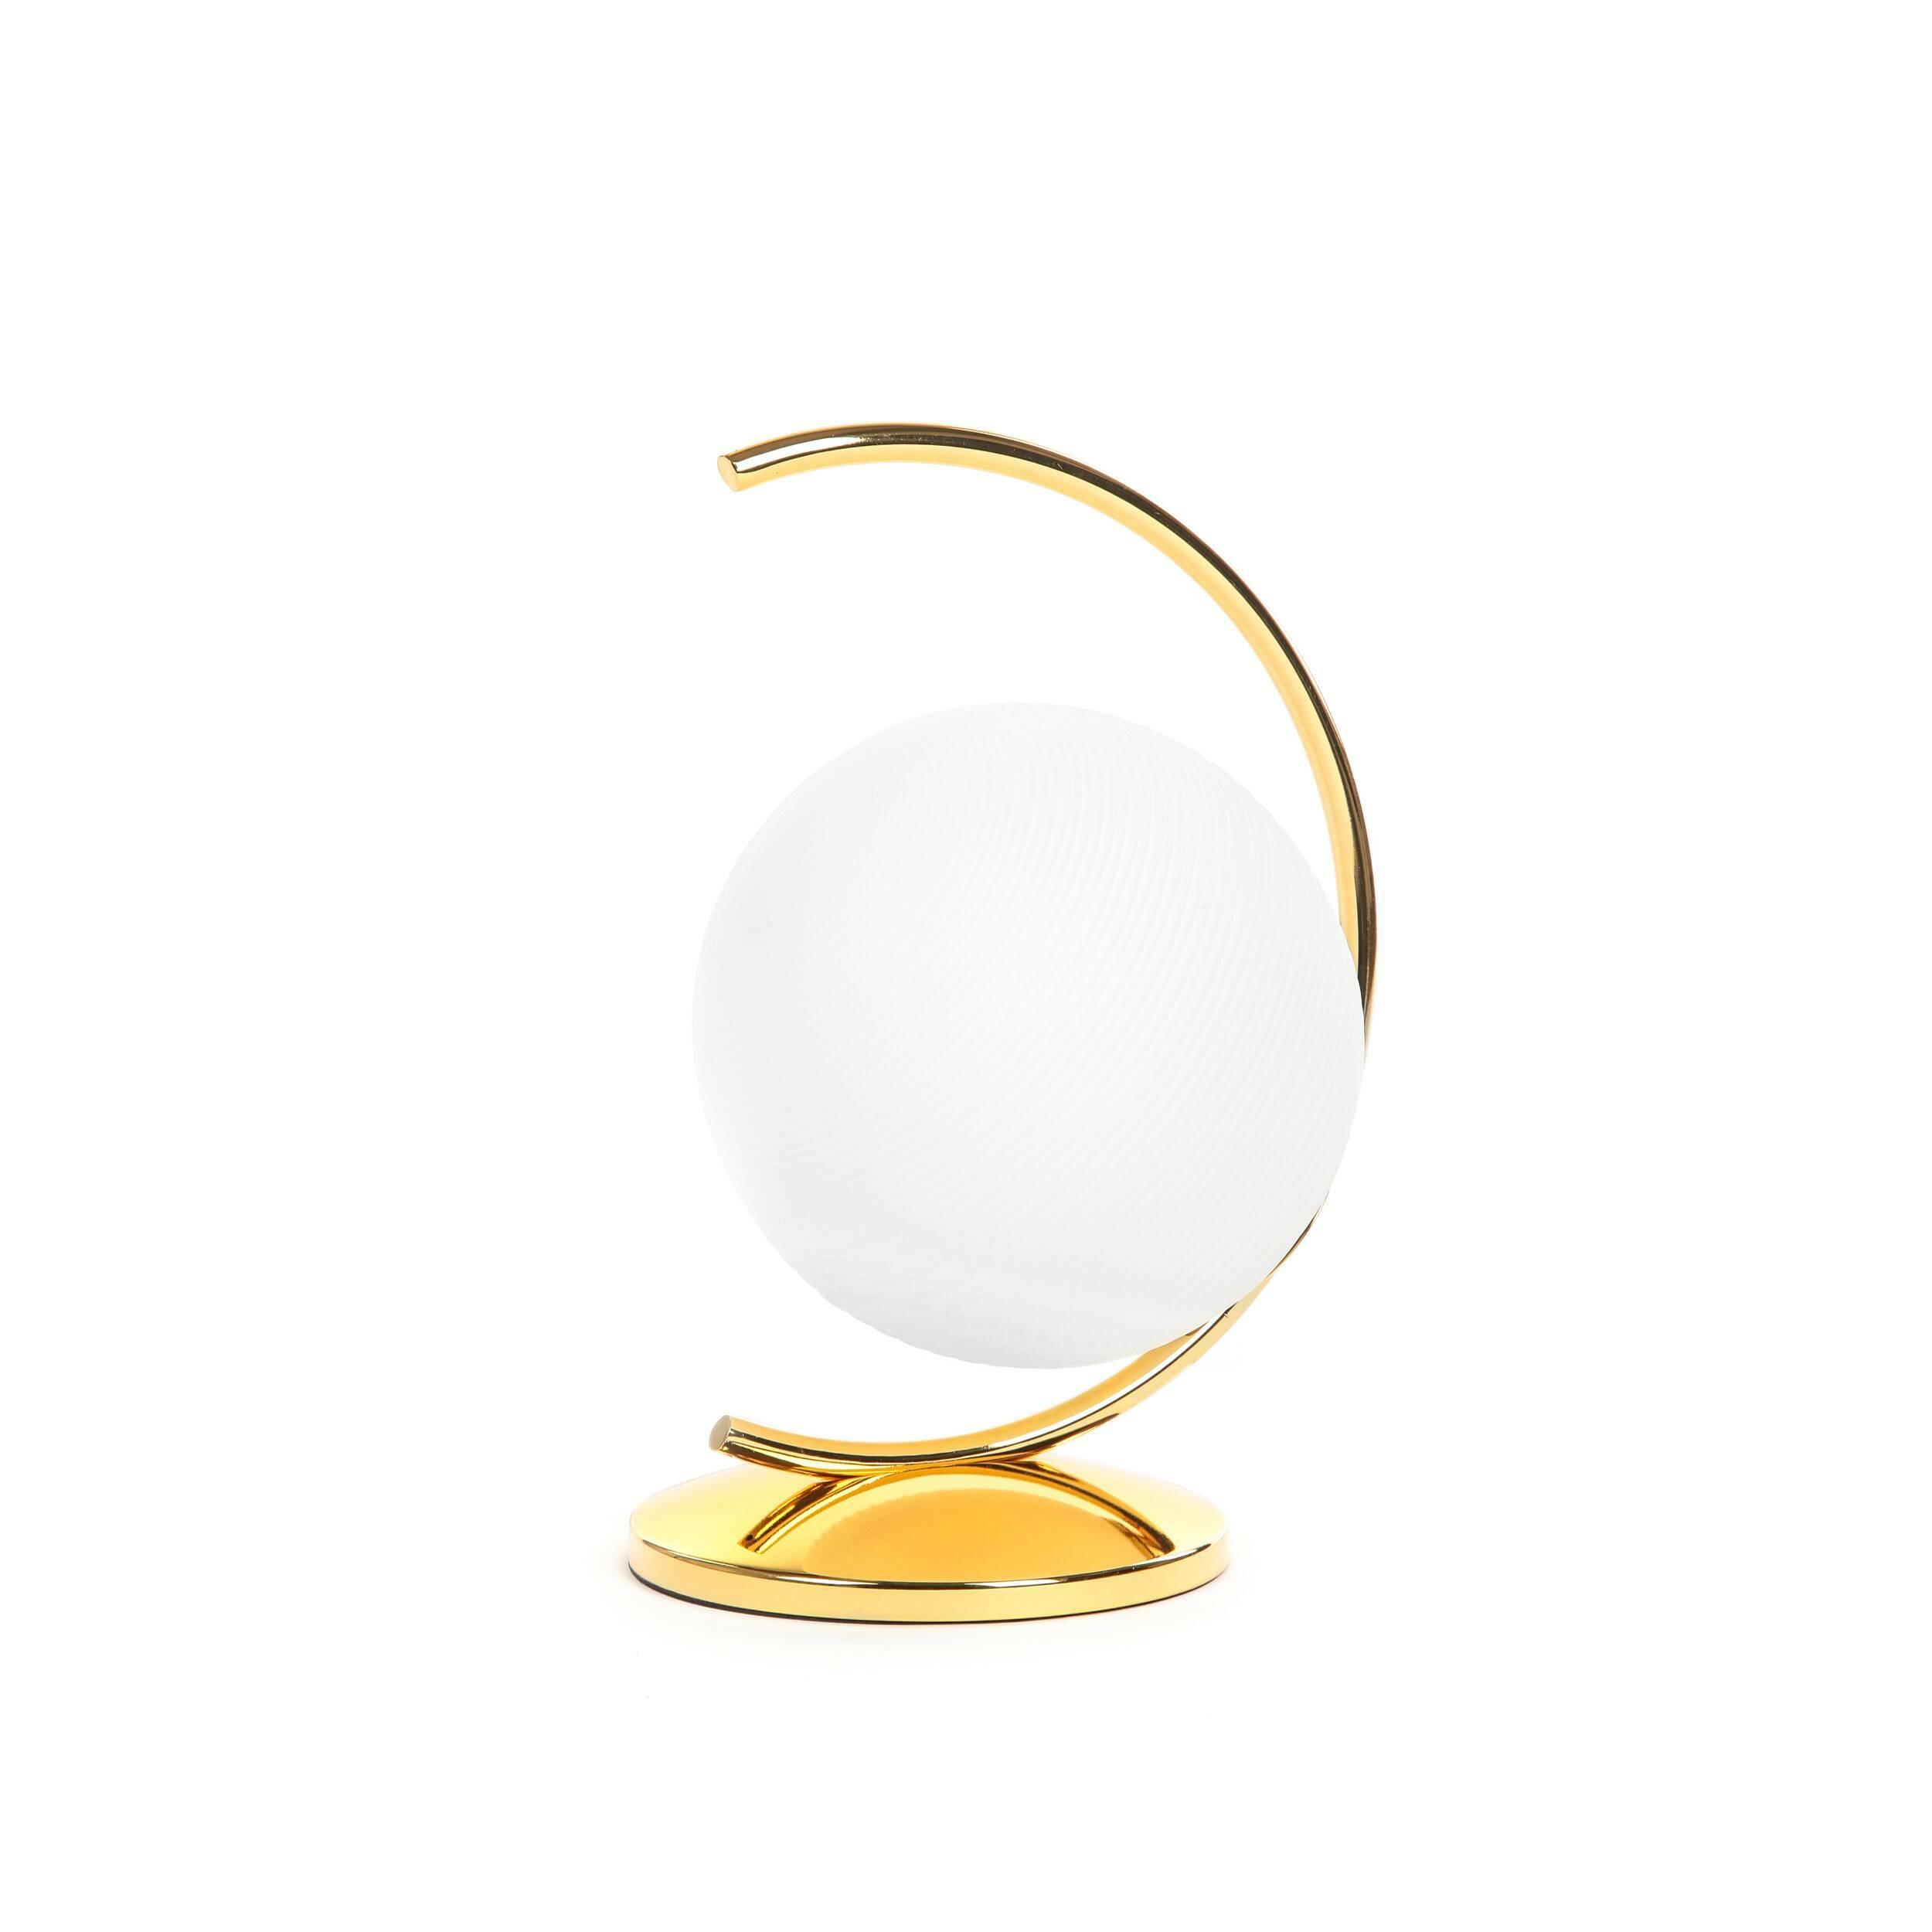 Настольный светильник ButlerНастольные<br>Светильники в форме шара заслужили себе бешеную популярность и любовь дизайнеров всего мира. И неудивительно, ведь такие изделия способны создать совершенно неповторимую гармоничную атмосферу. <br><br><br>Дизайнерский настольный светильник Butler (Батлер) будет хорошо смотреться в комнате любого размера, благодаря шарообразной форме свет от лампы будет мягко рассеиваться по всему пространству комнаты, а еще эта модель легко впишется практически в любой современный интерьер.<br><br><br> Еще одним пл...<br><br>stock: 11<br>Высота: 33,2<br>Ширина: 20<br>Длина: 24,8<br>Материал абажура: Стекло<br>Материал арматуры: Сталь<br>Мощность лампы: 40<br>Тип лампы/цоколь: E14<br>Цвет абажура: Белый<br>Цвет арматуры: Золотой